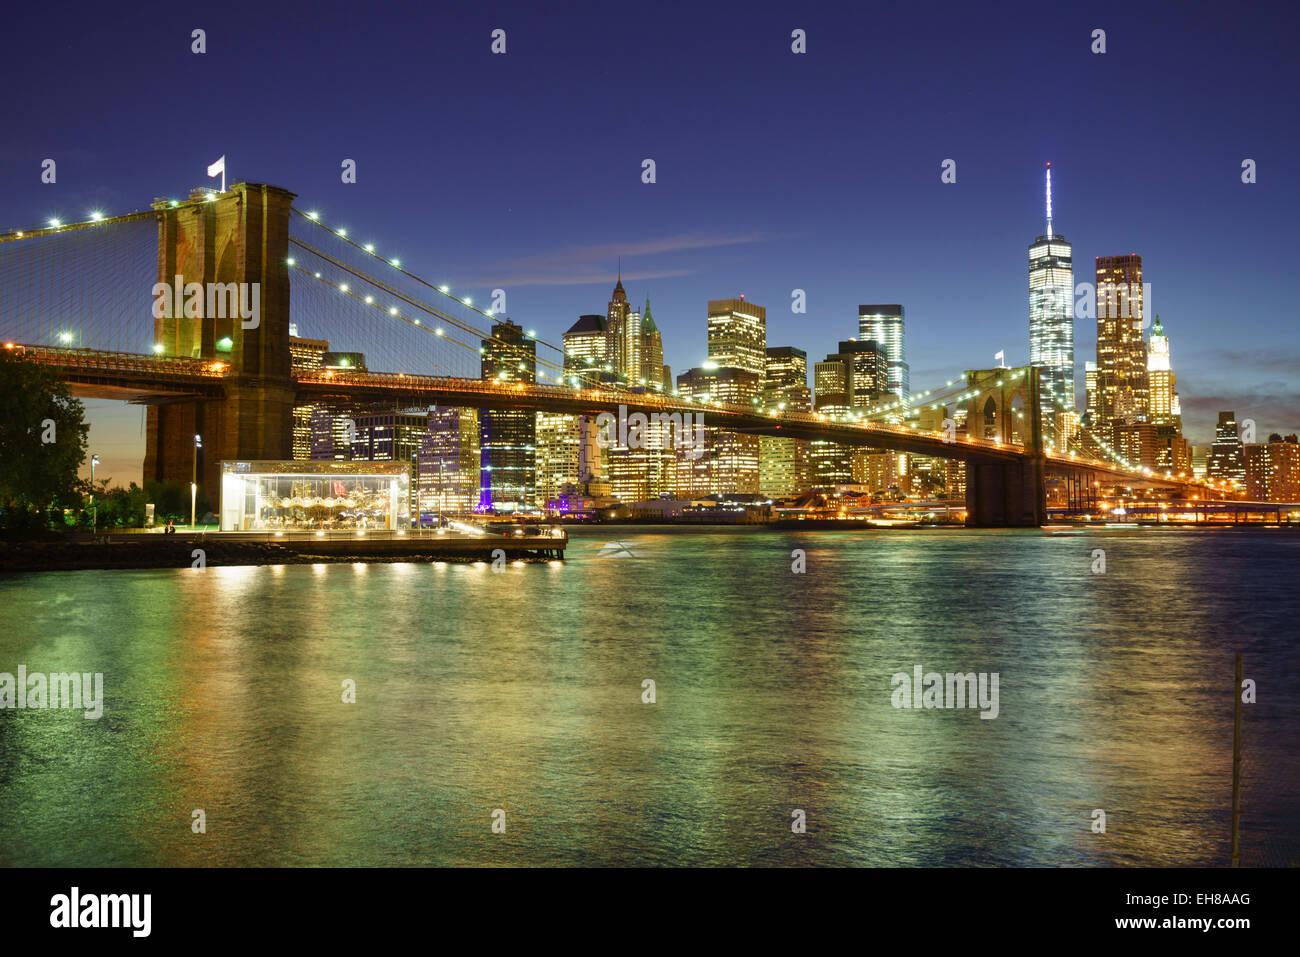 Puente de Brooklyn y Manhattan skyline en la noche, la ciudad de Nueva York, Nueva York, Estados Unidos de América, Imagen De Stock